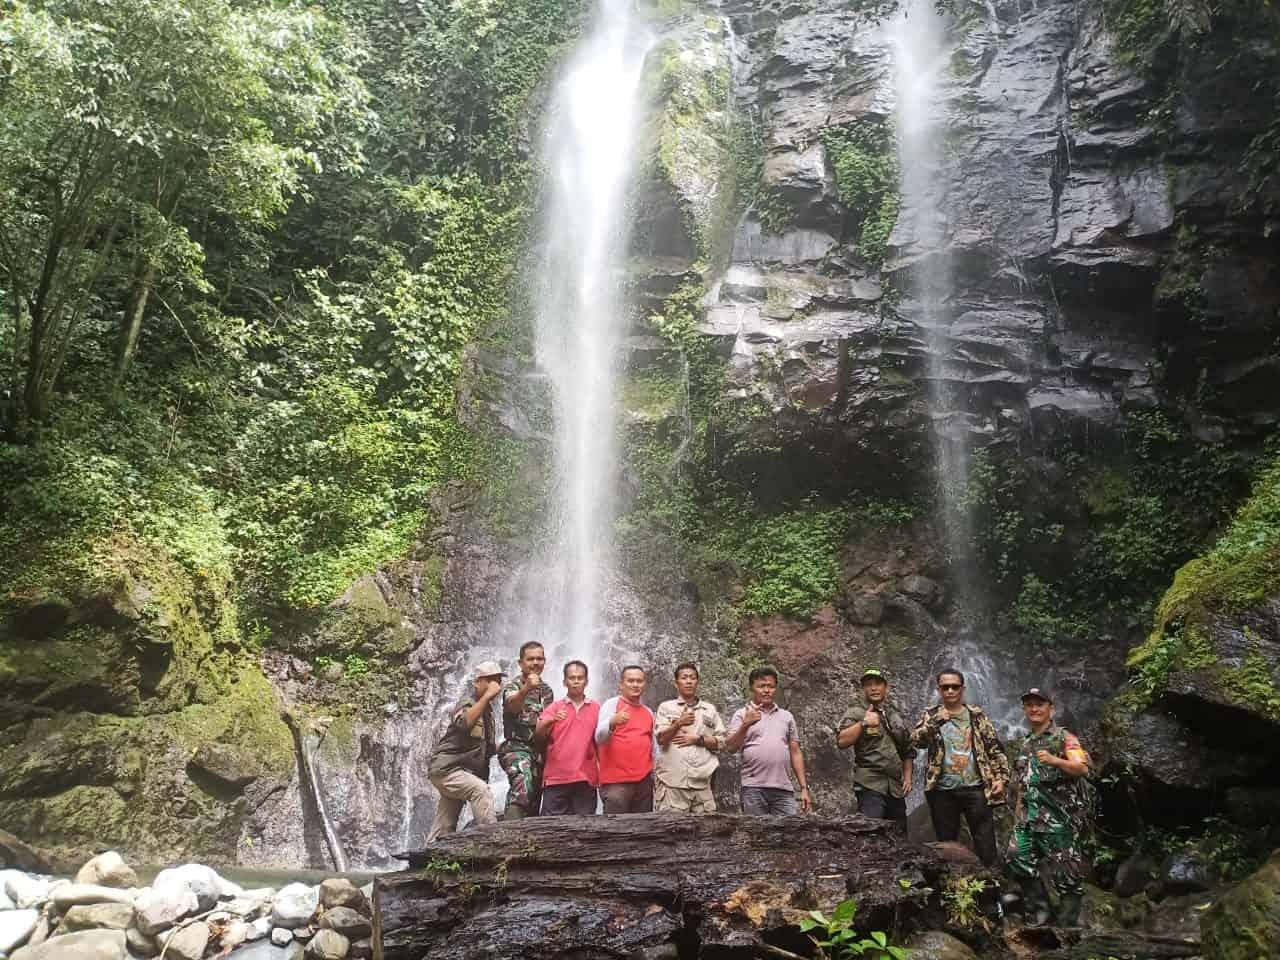 Temukan Air Terjun Duo Bidadari, Kopda Ulil Amri Dorong Wisata, Ekonomi Warga dan Kelestarian Alam